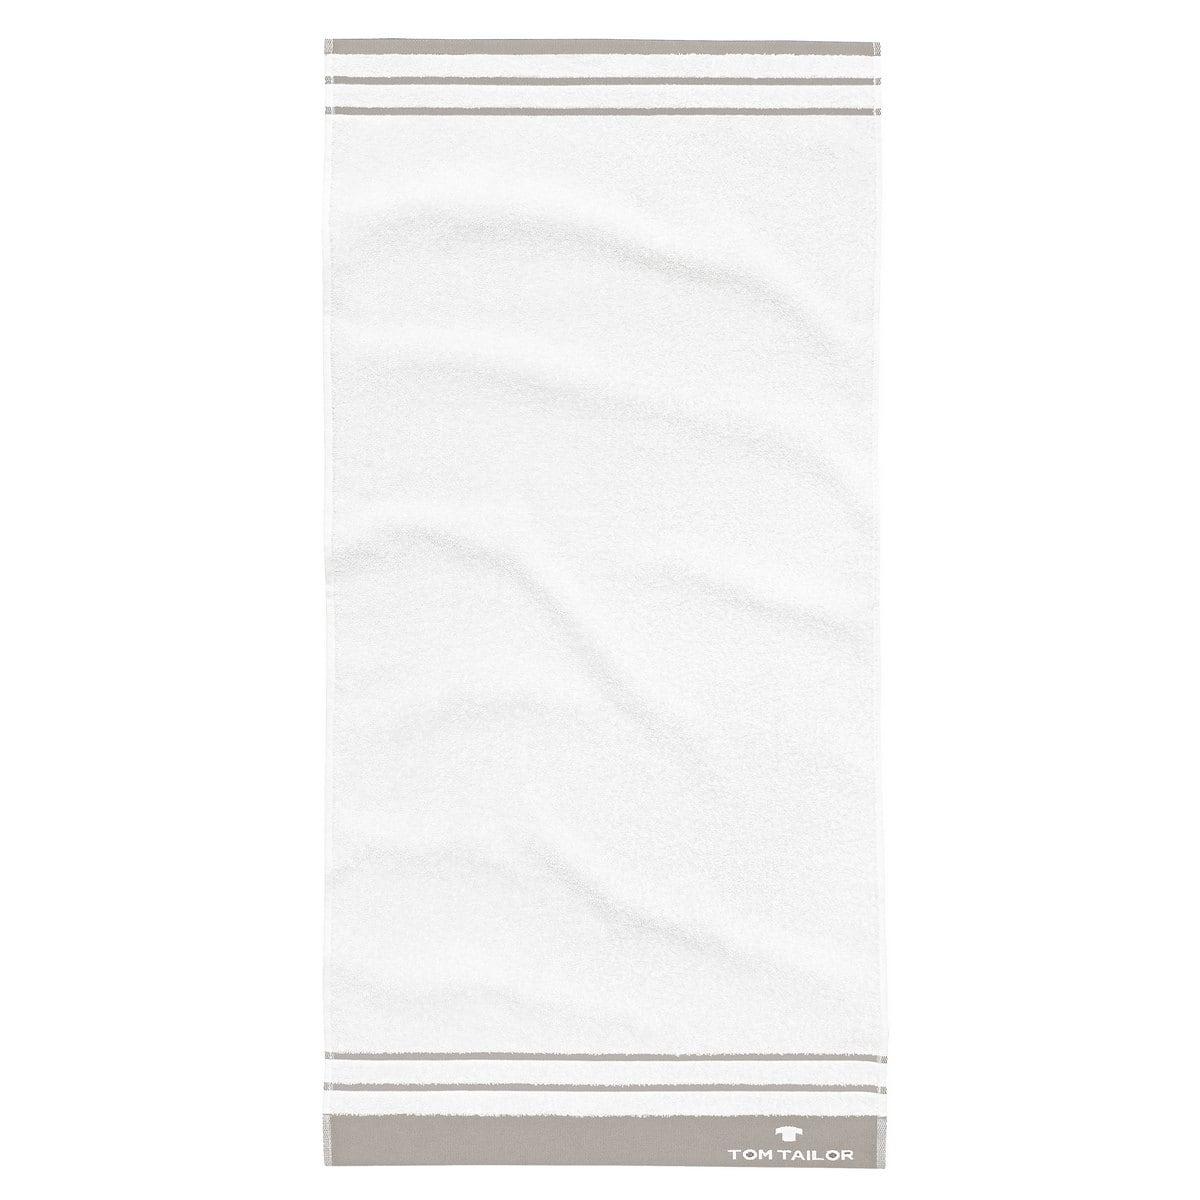 Πετσέτα 100 607 939 White – Beige Tom Tailor Σώματος 70x140cm